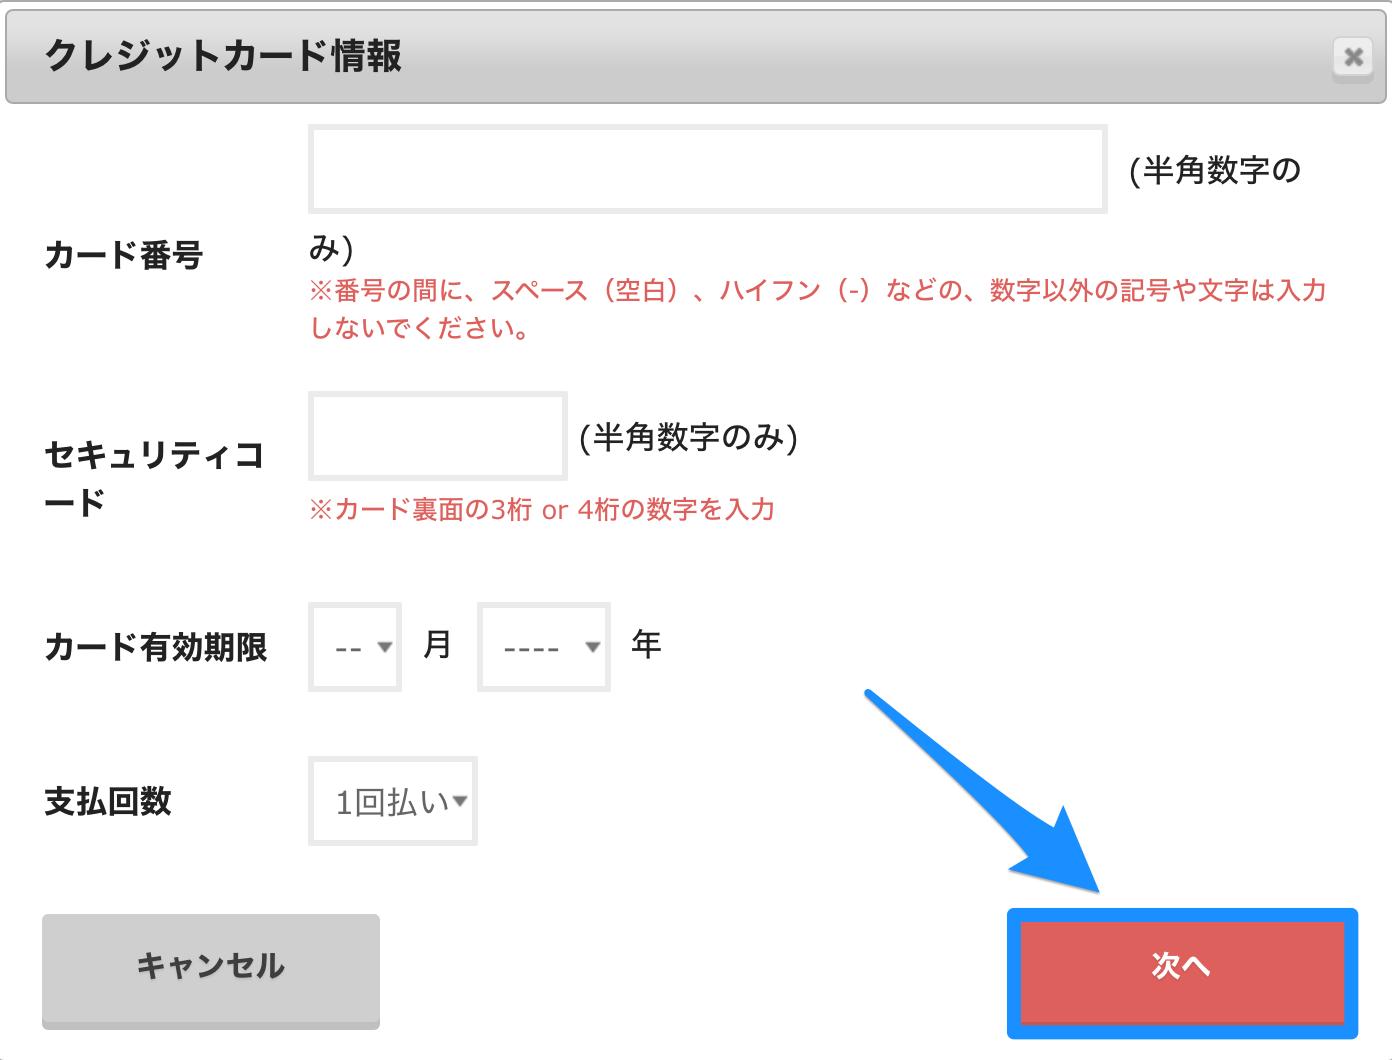 STORK19購入&ダウンロード_7